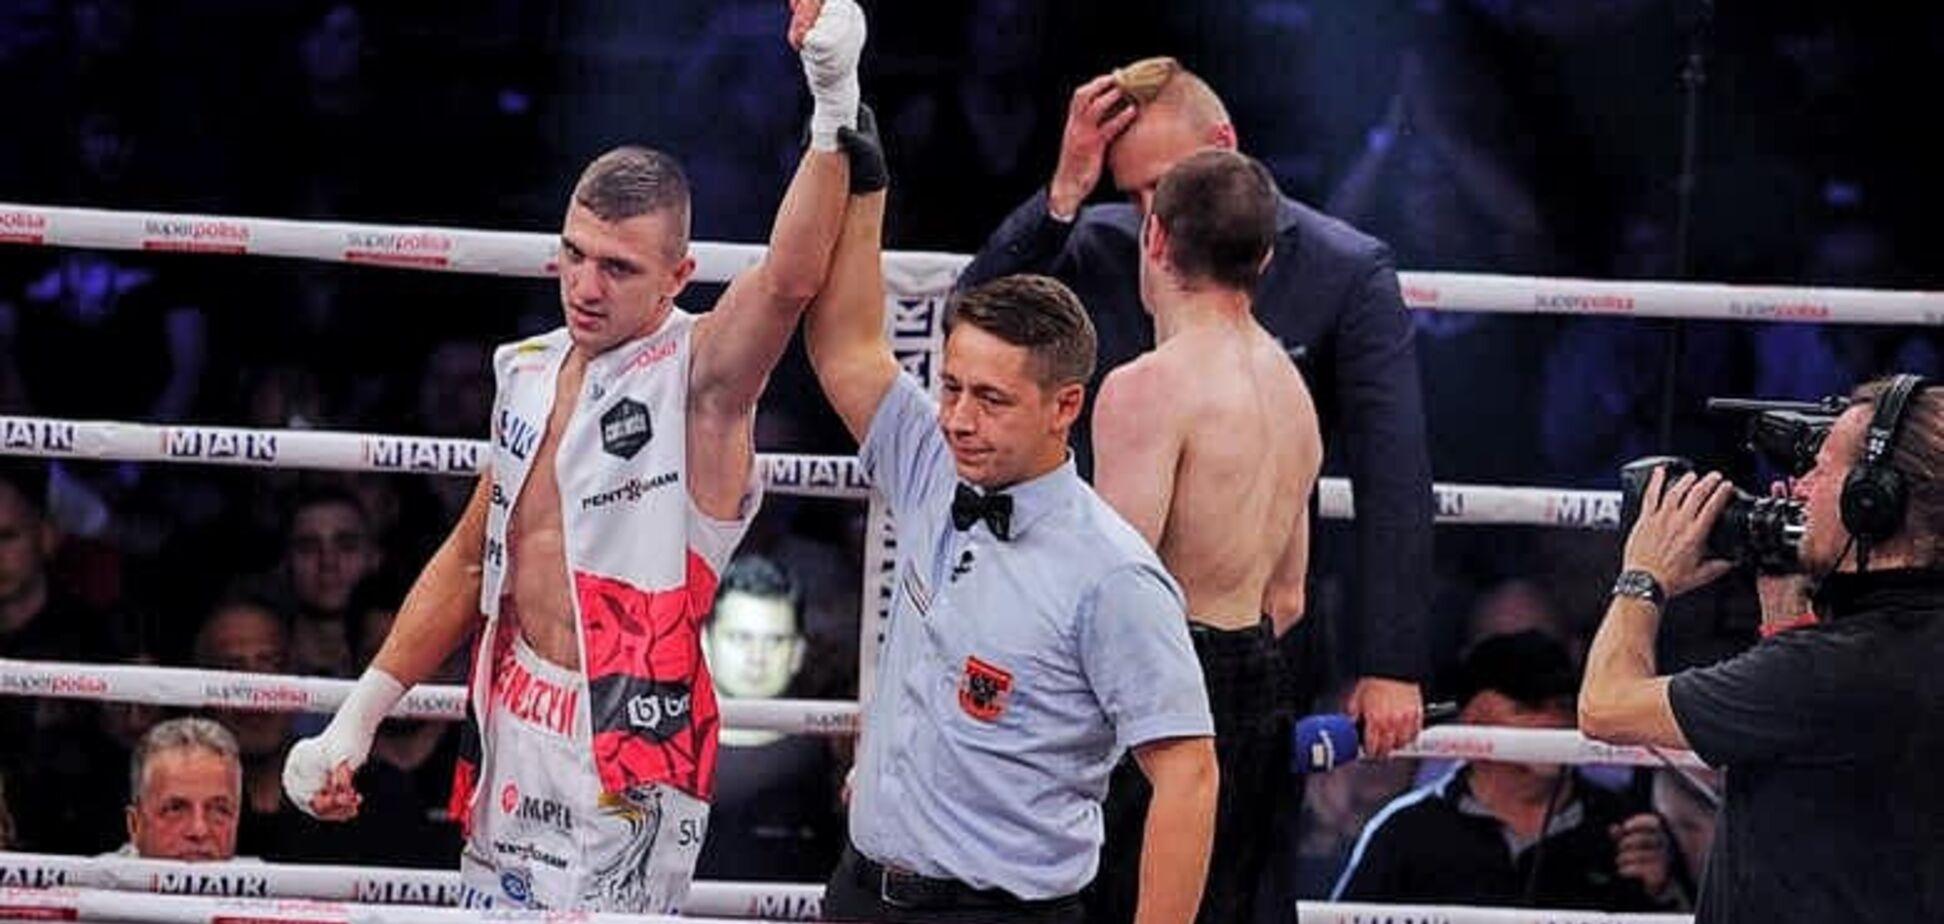 Непереможний боксер з Харкова потужною атакою нокаутував суперника у 1-му раунді - Відеофакт